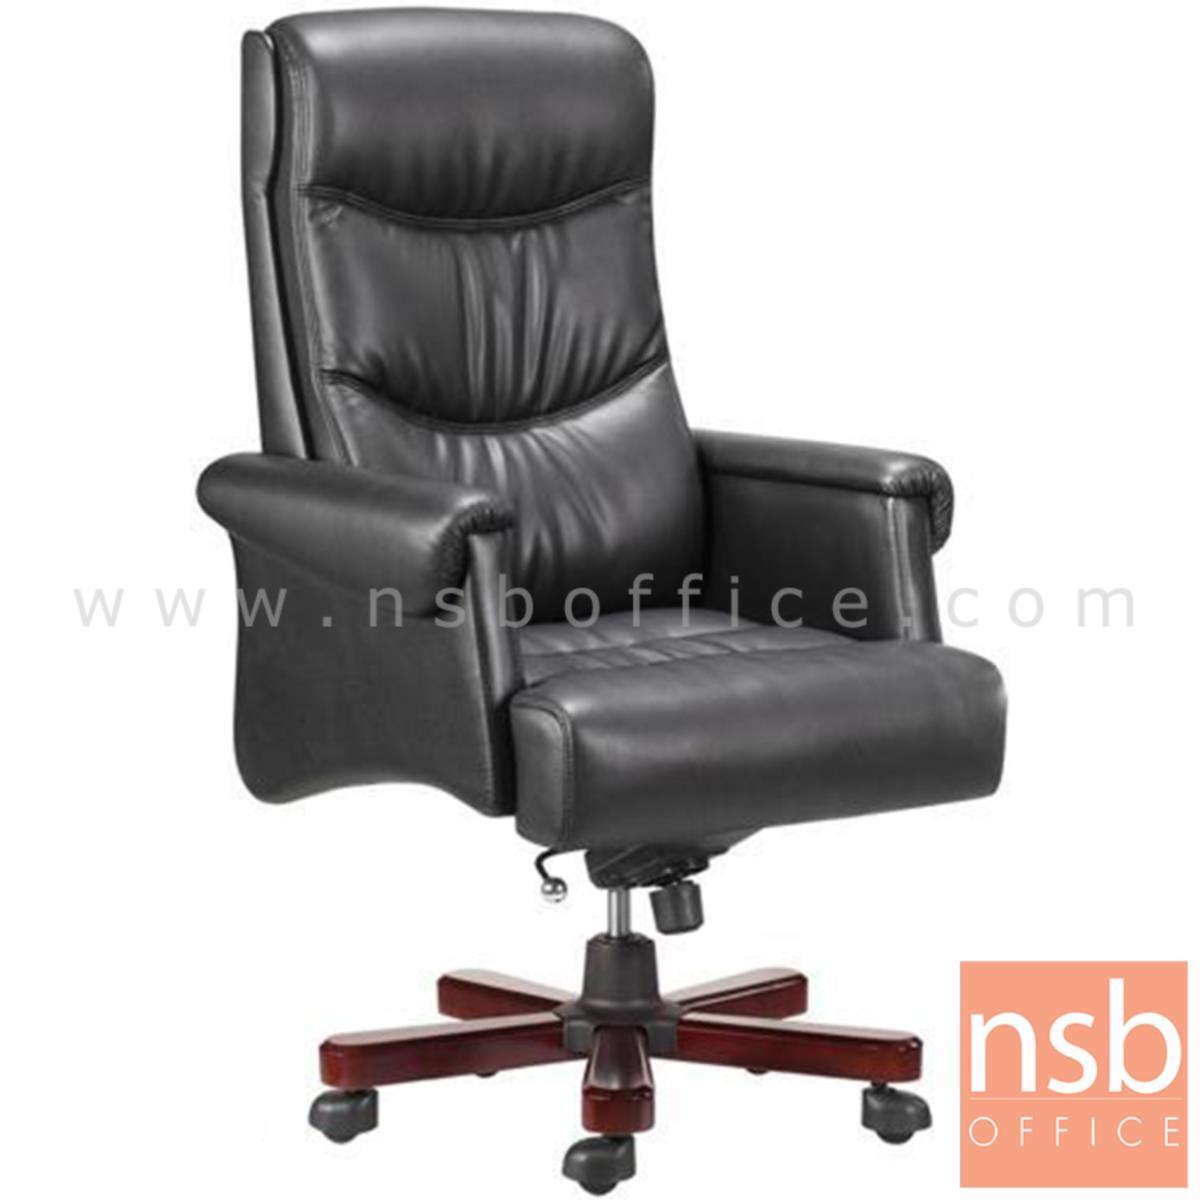 B01A405:เก้าอี้ผู้บริหารหนังแท้ รุ่น Fielder  ขาไม้